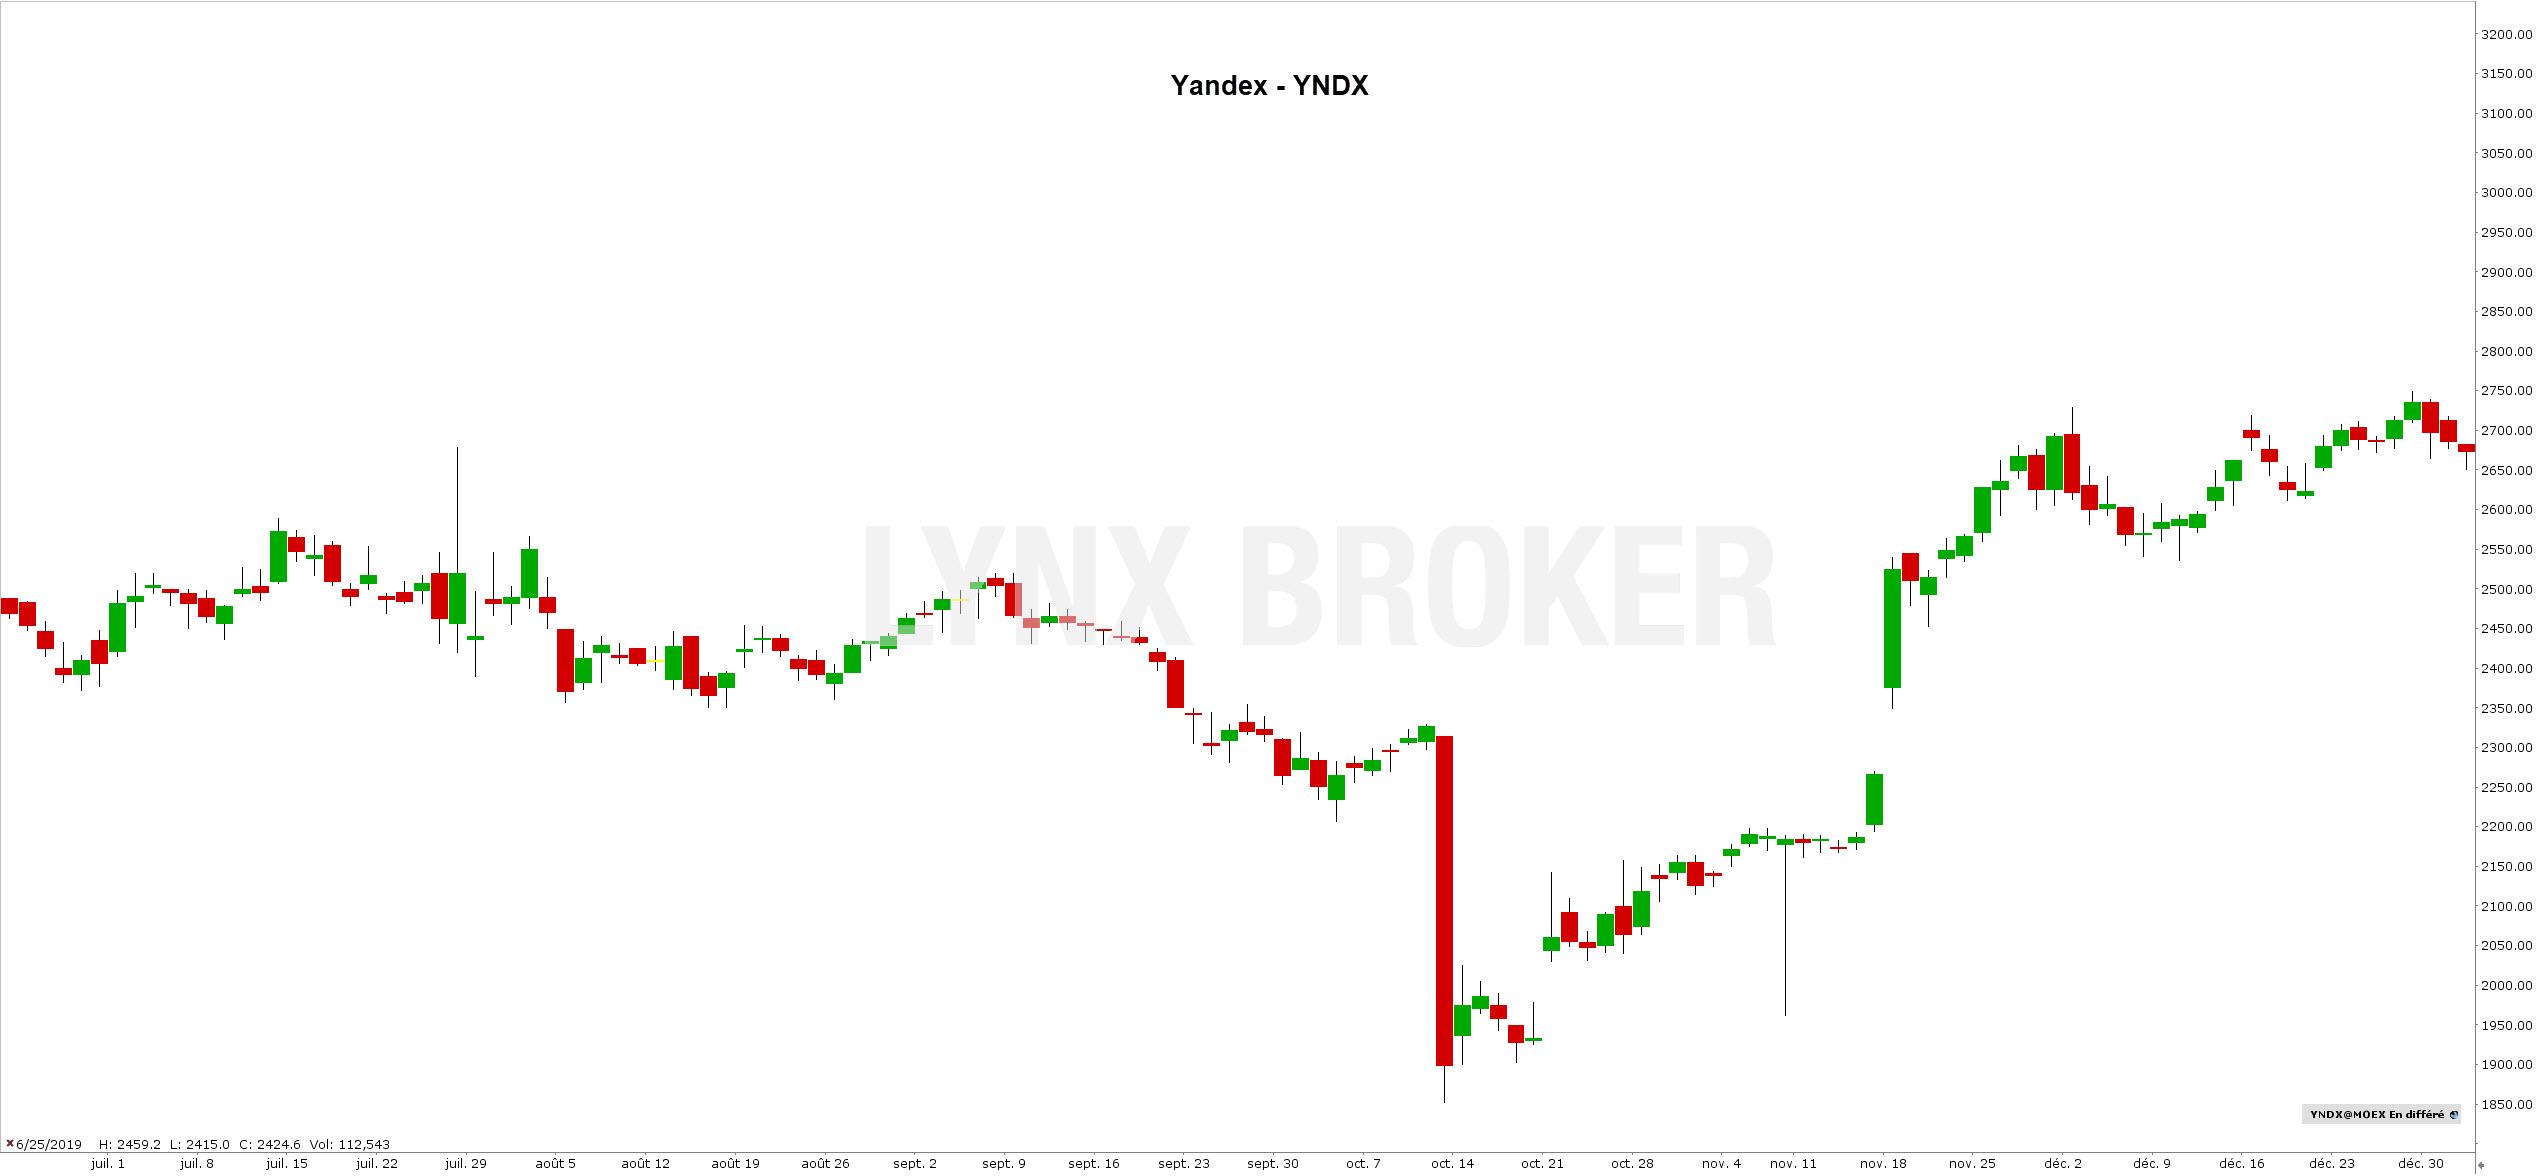 action russe bourse - acheter des actions russes - action yandex